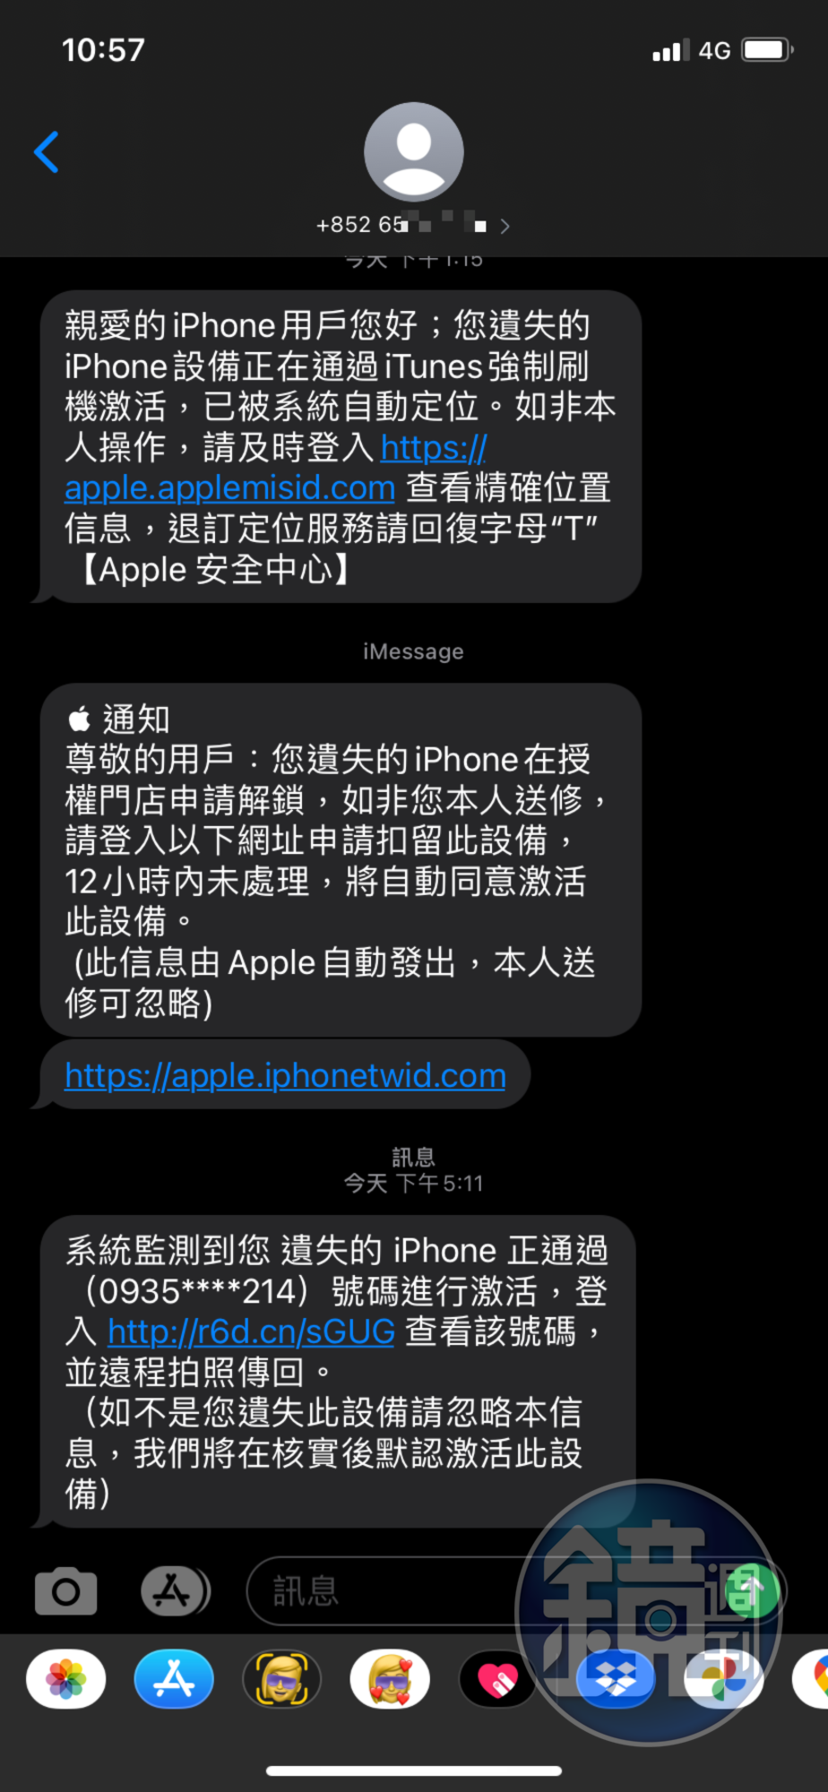 林女一直收到削弱失主心防的詐騙密碼的簡訊。(讀者提供)